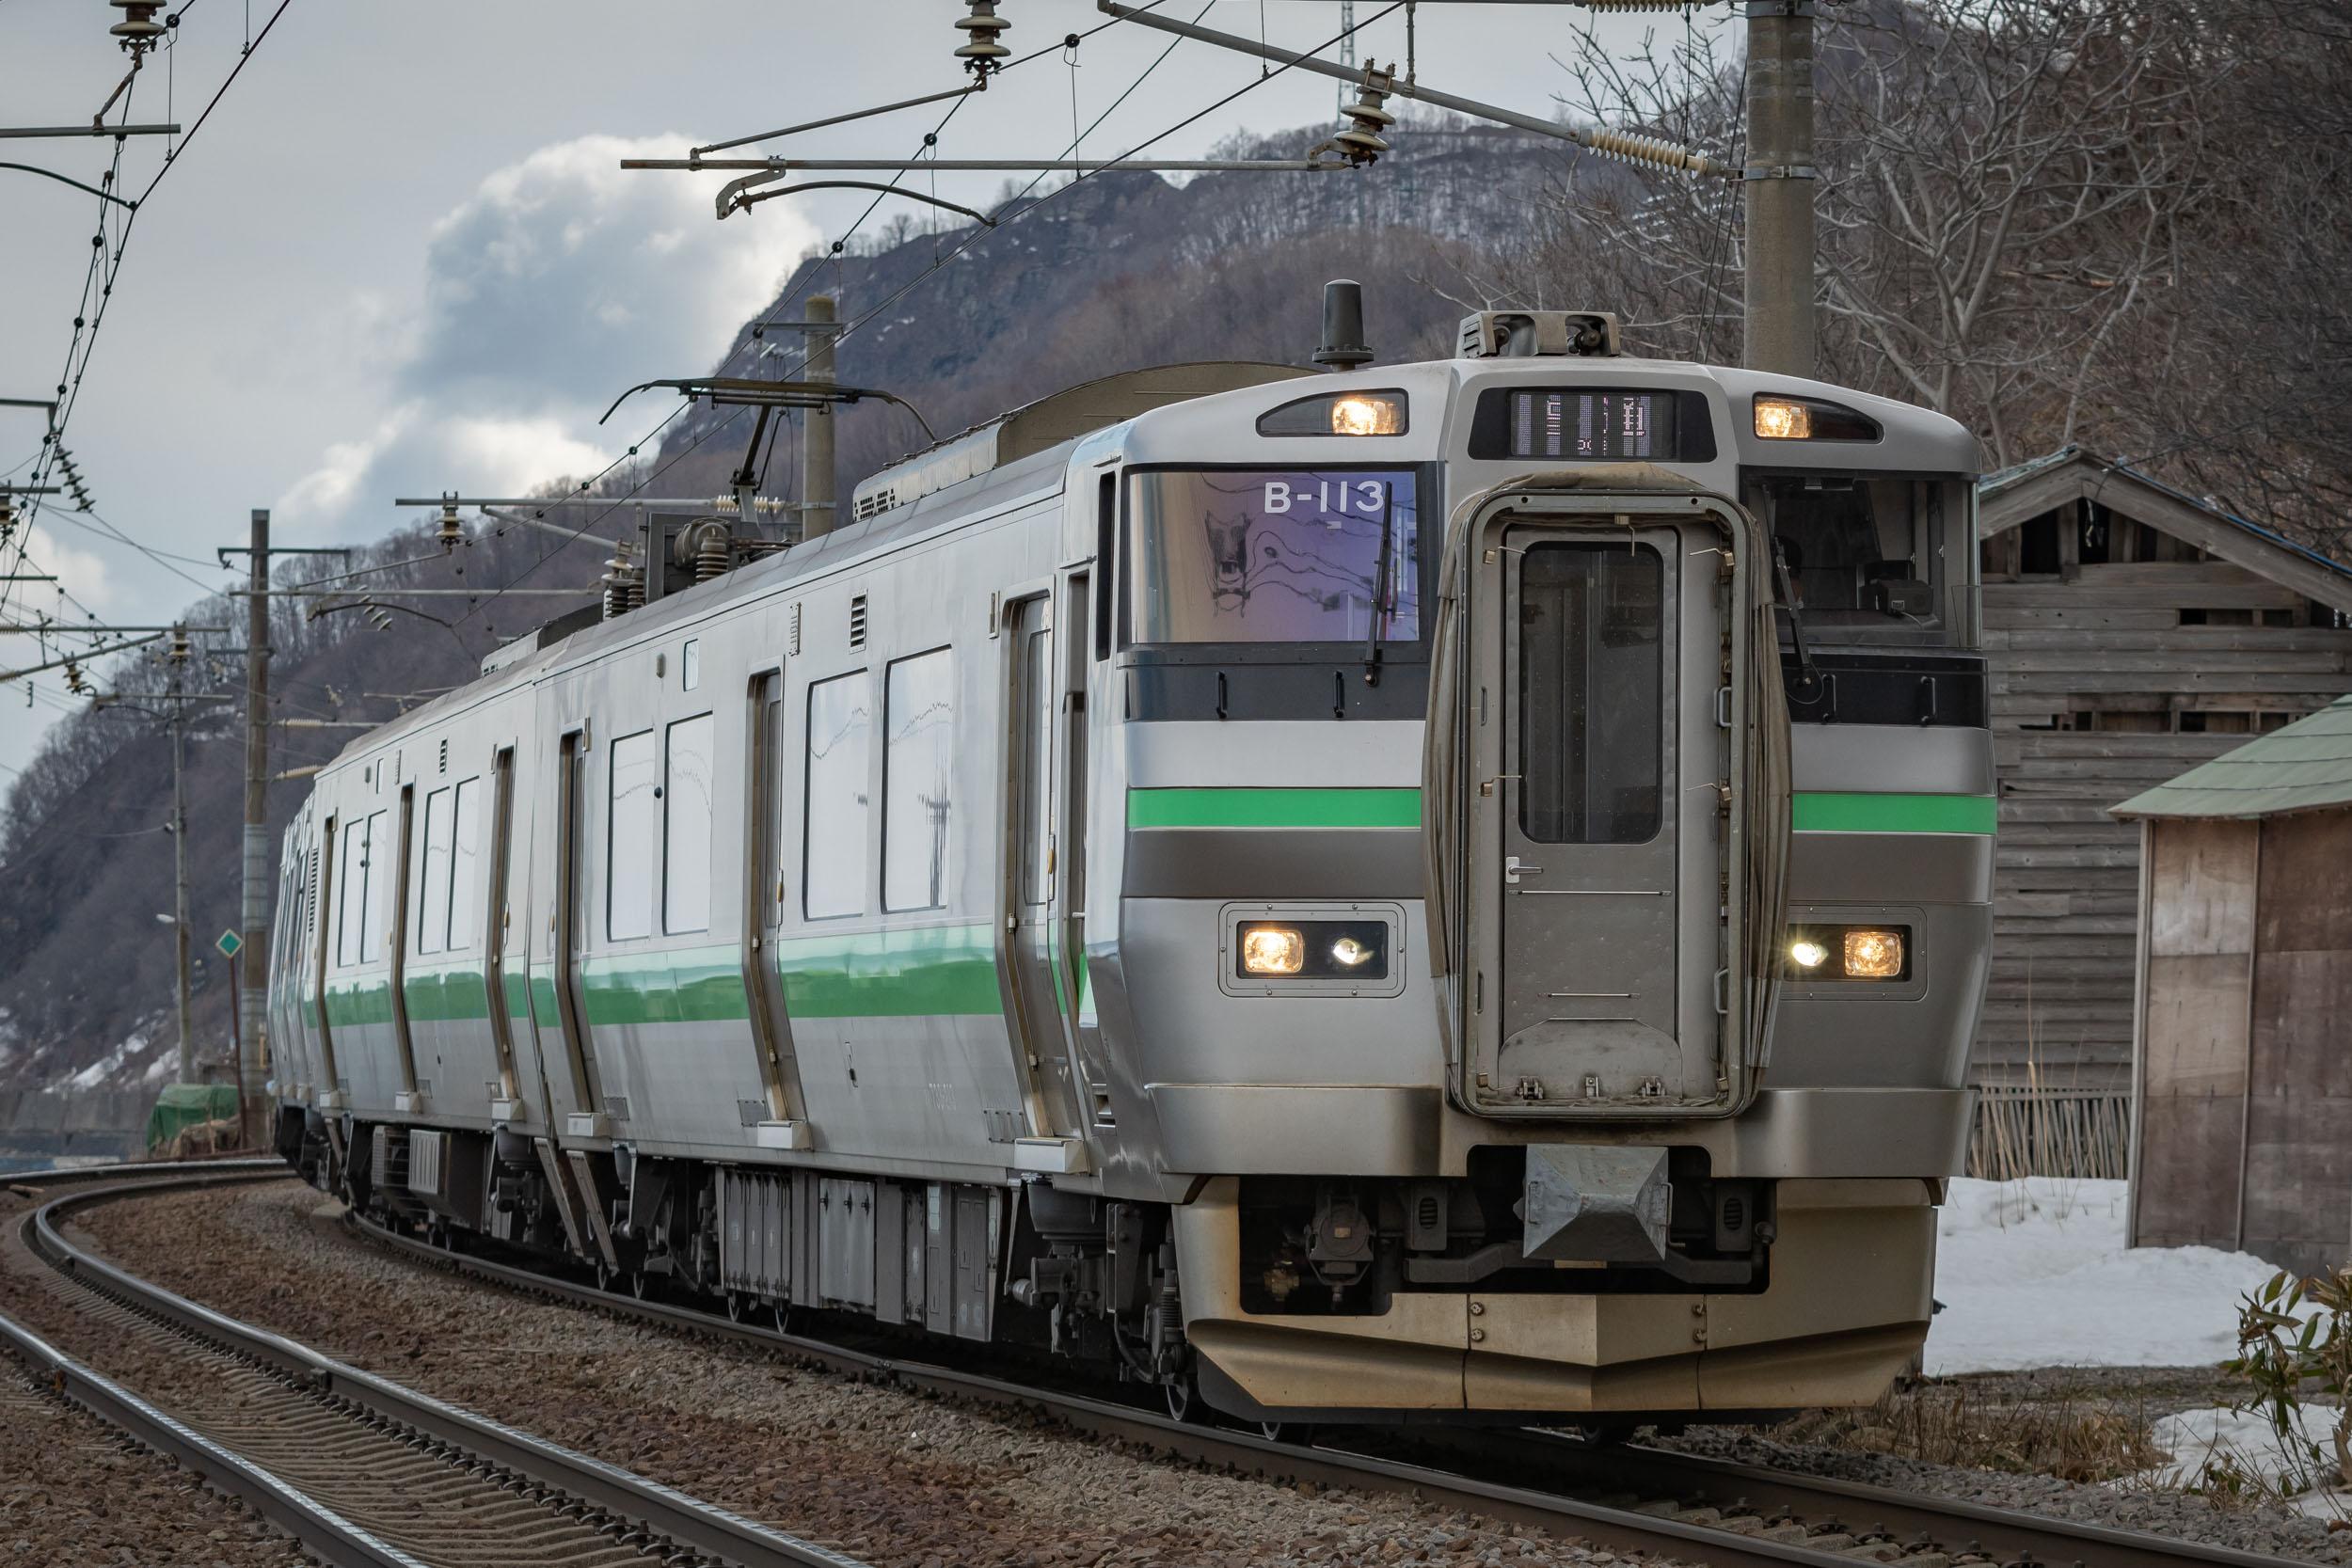 浅利駅へ向かうJR北海道普通列車 NIKON D500 + TAMRON 70-210mm